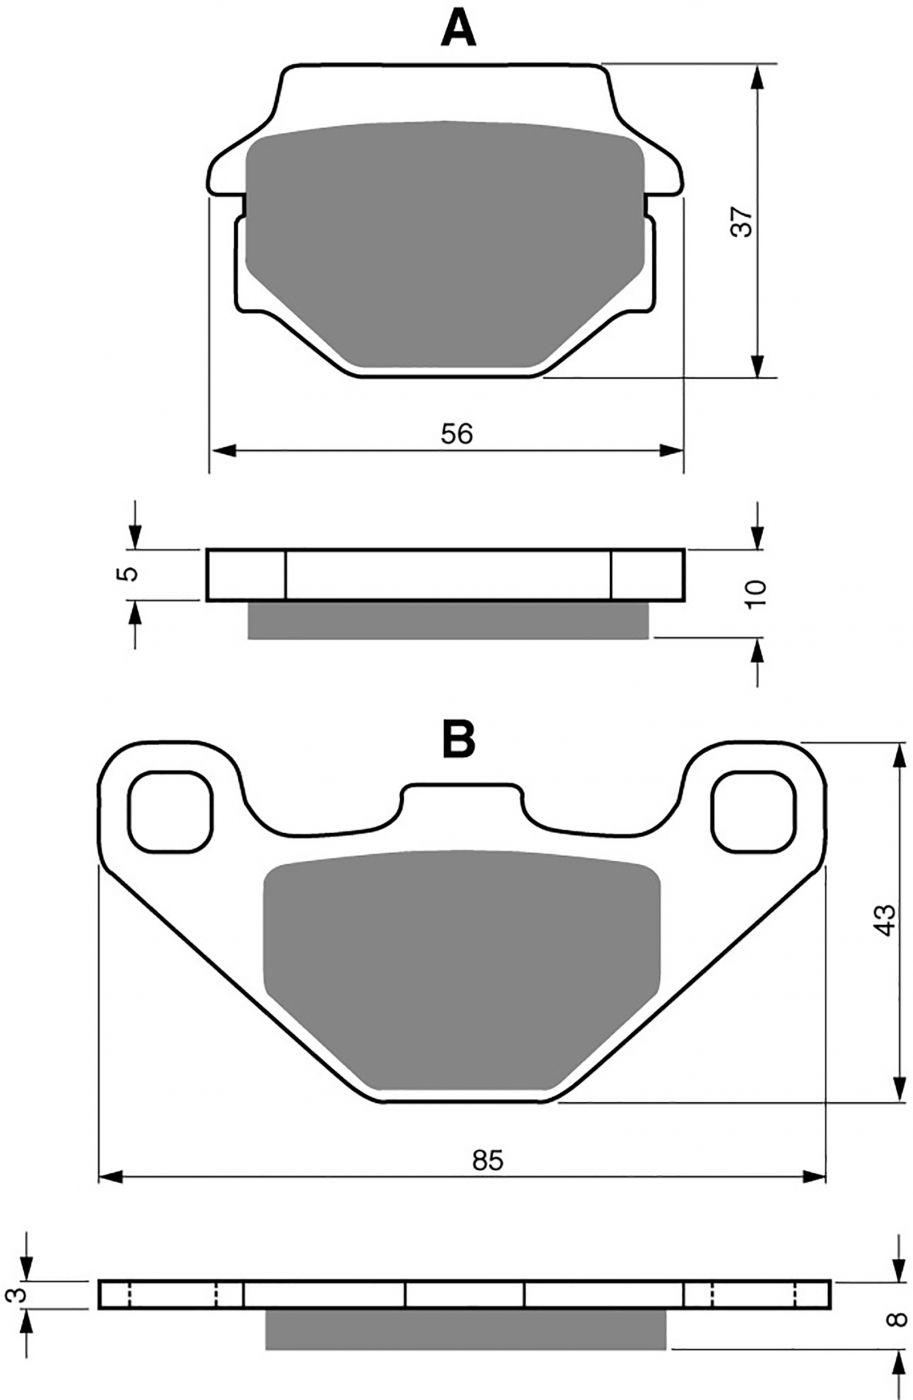 goldfren ad brake pads - 700005GA image